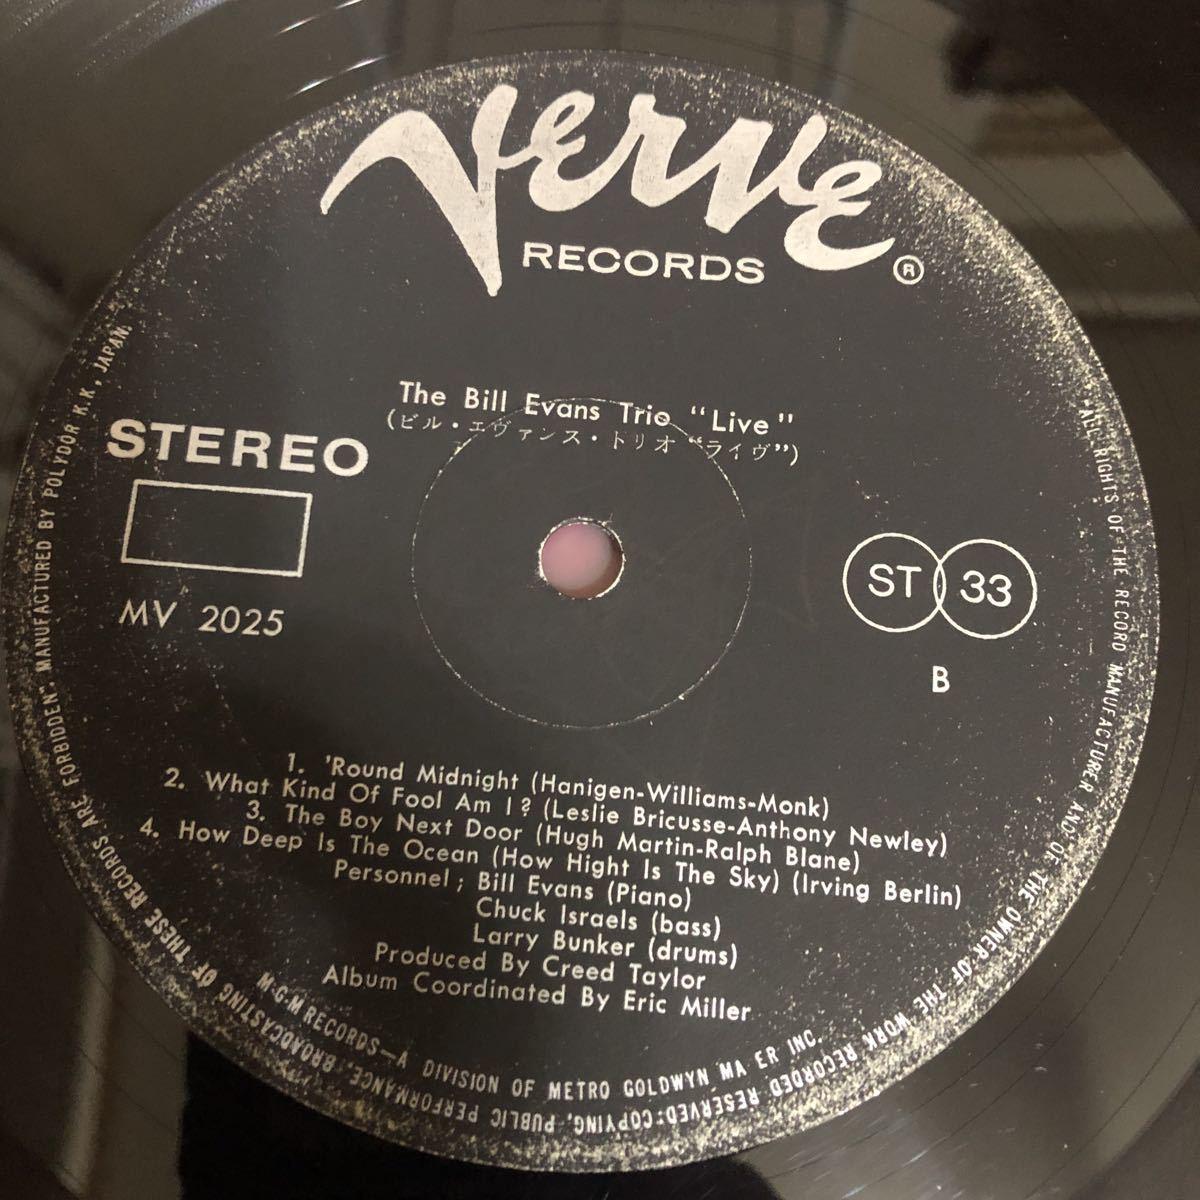 激レア盤★ LPレコード★ピアノ★bill Evans★The Bill Evans Trio - Live ★☆レコード多数出品中_画像9